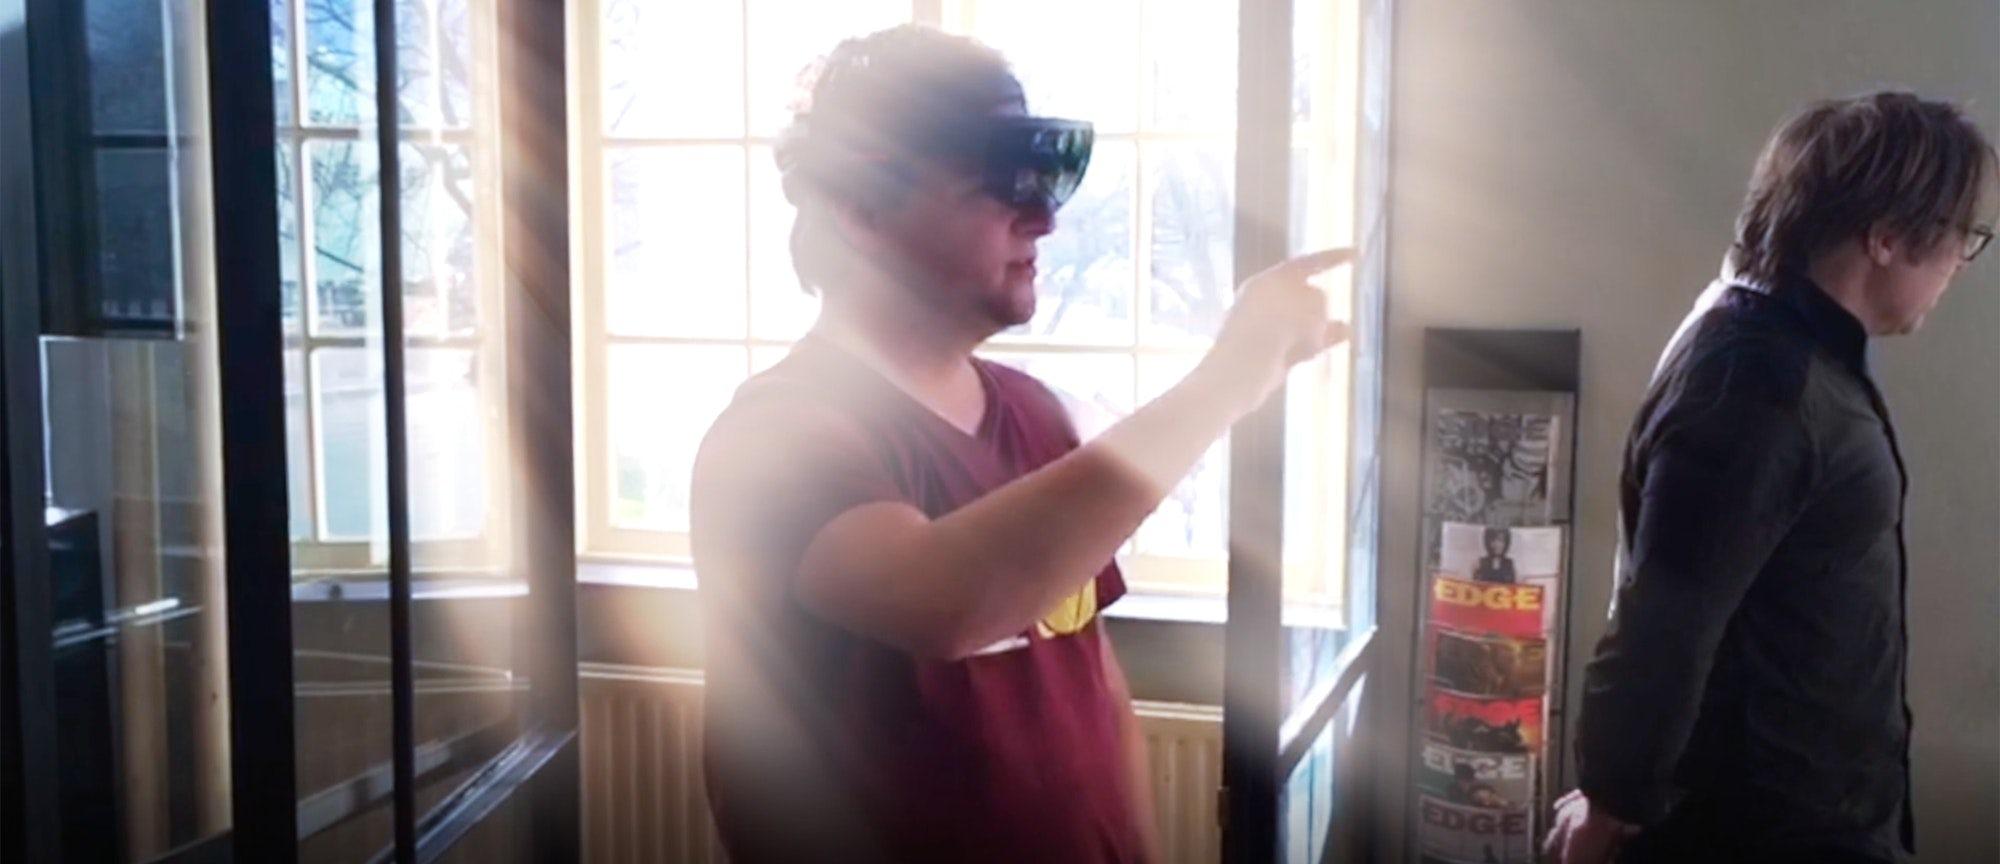 Design sprint augmented reality voor luchtverkeersleiders